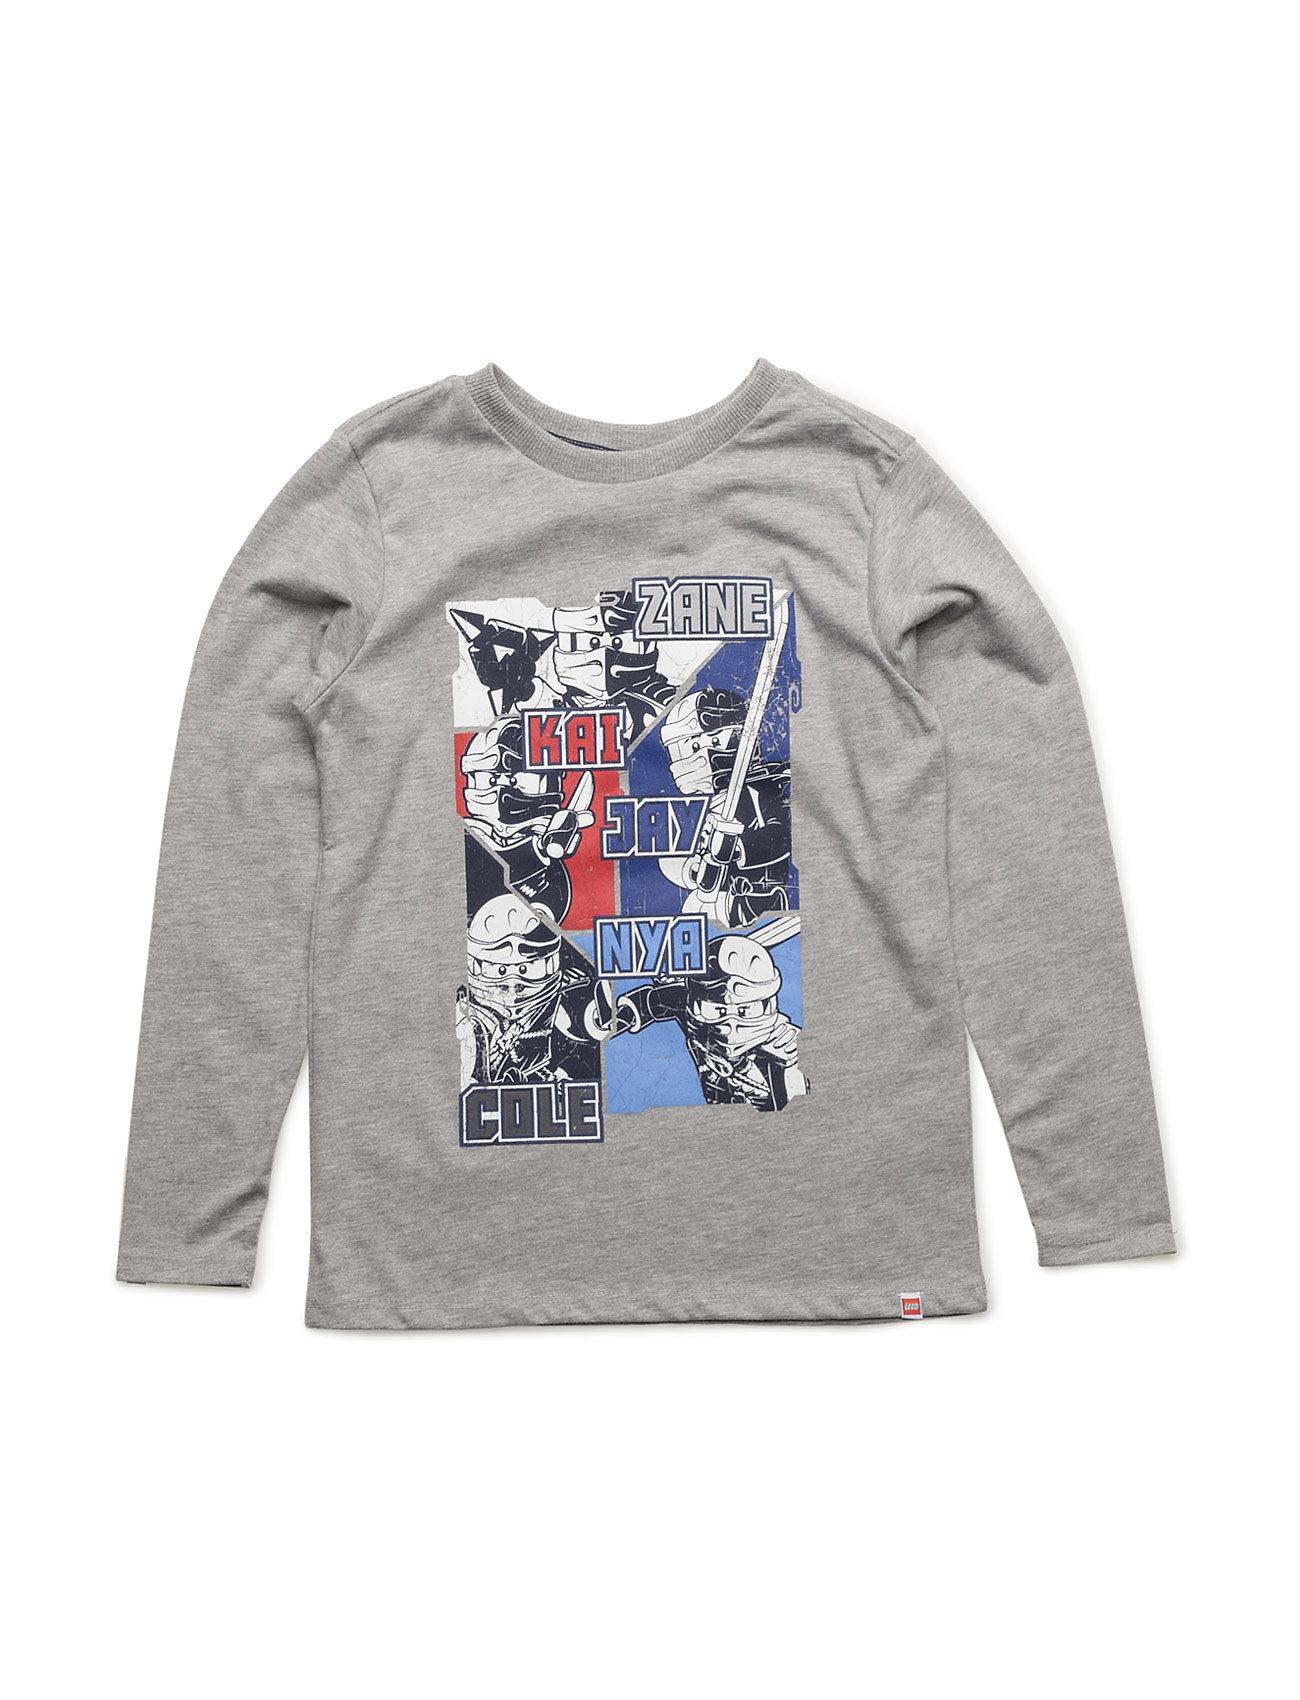 Teo 731 - T-Shirt L/S Lego wear Langærmede t-shirts til Børn i Grey Melange